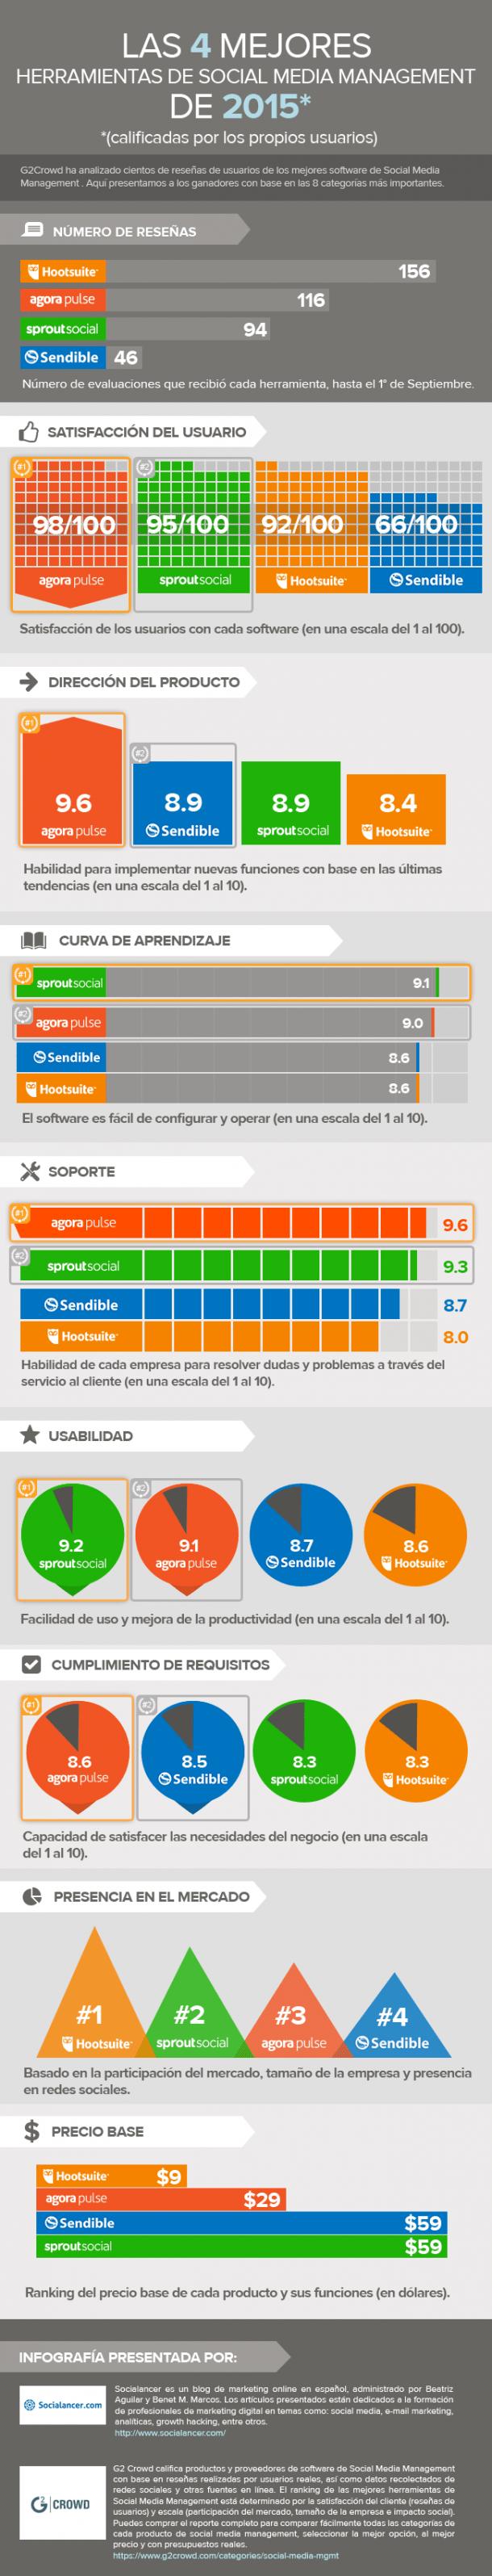 infografia-mejores-herramientas-SSM-final